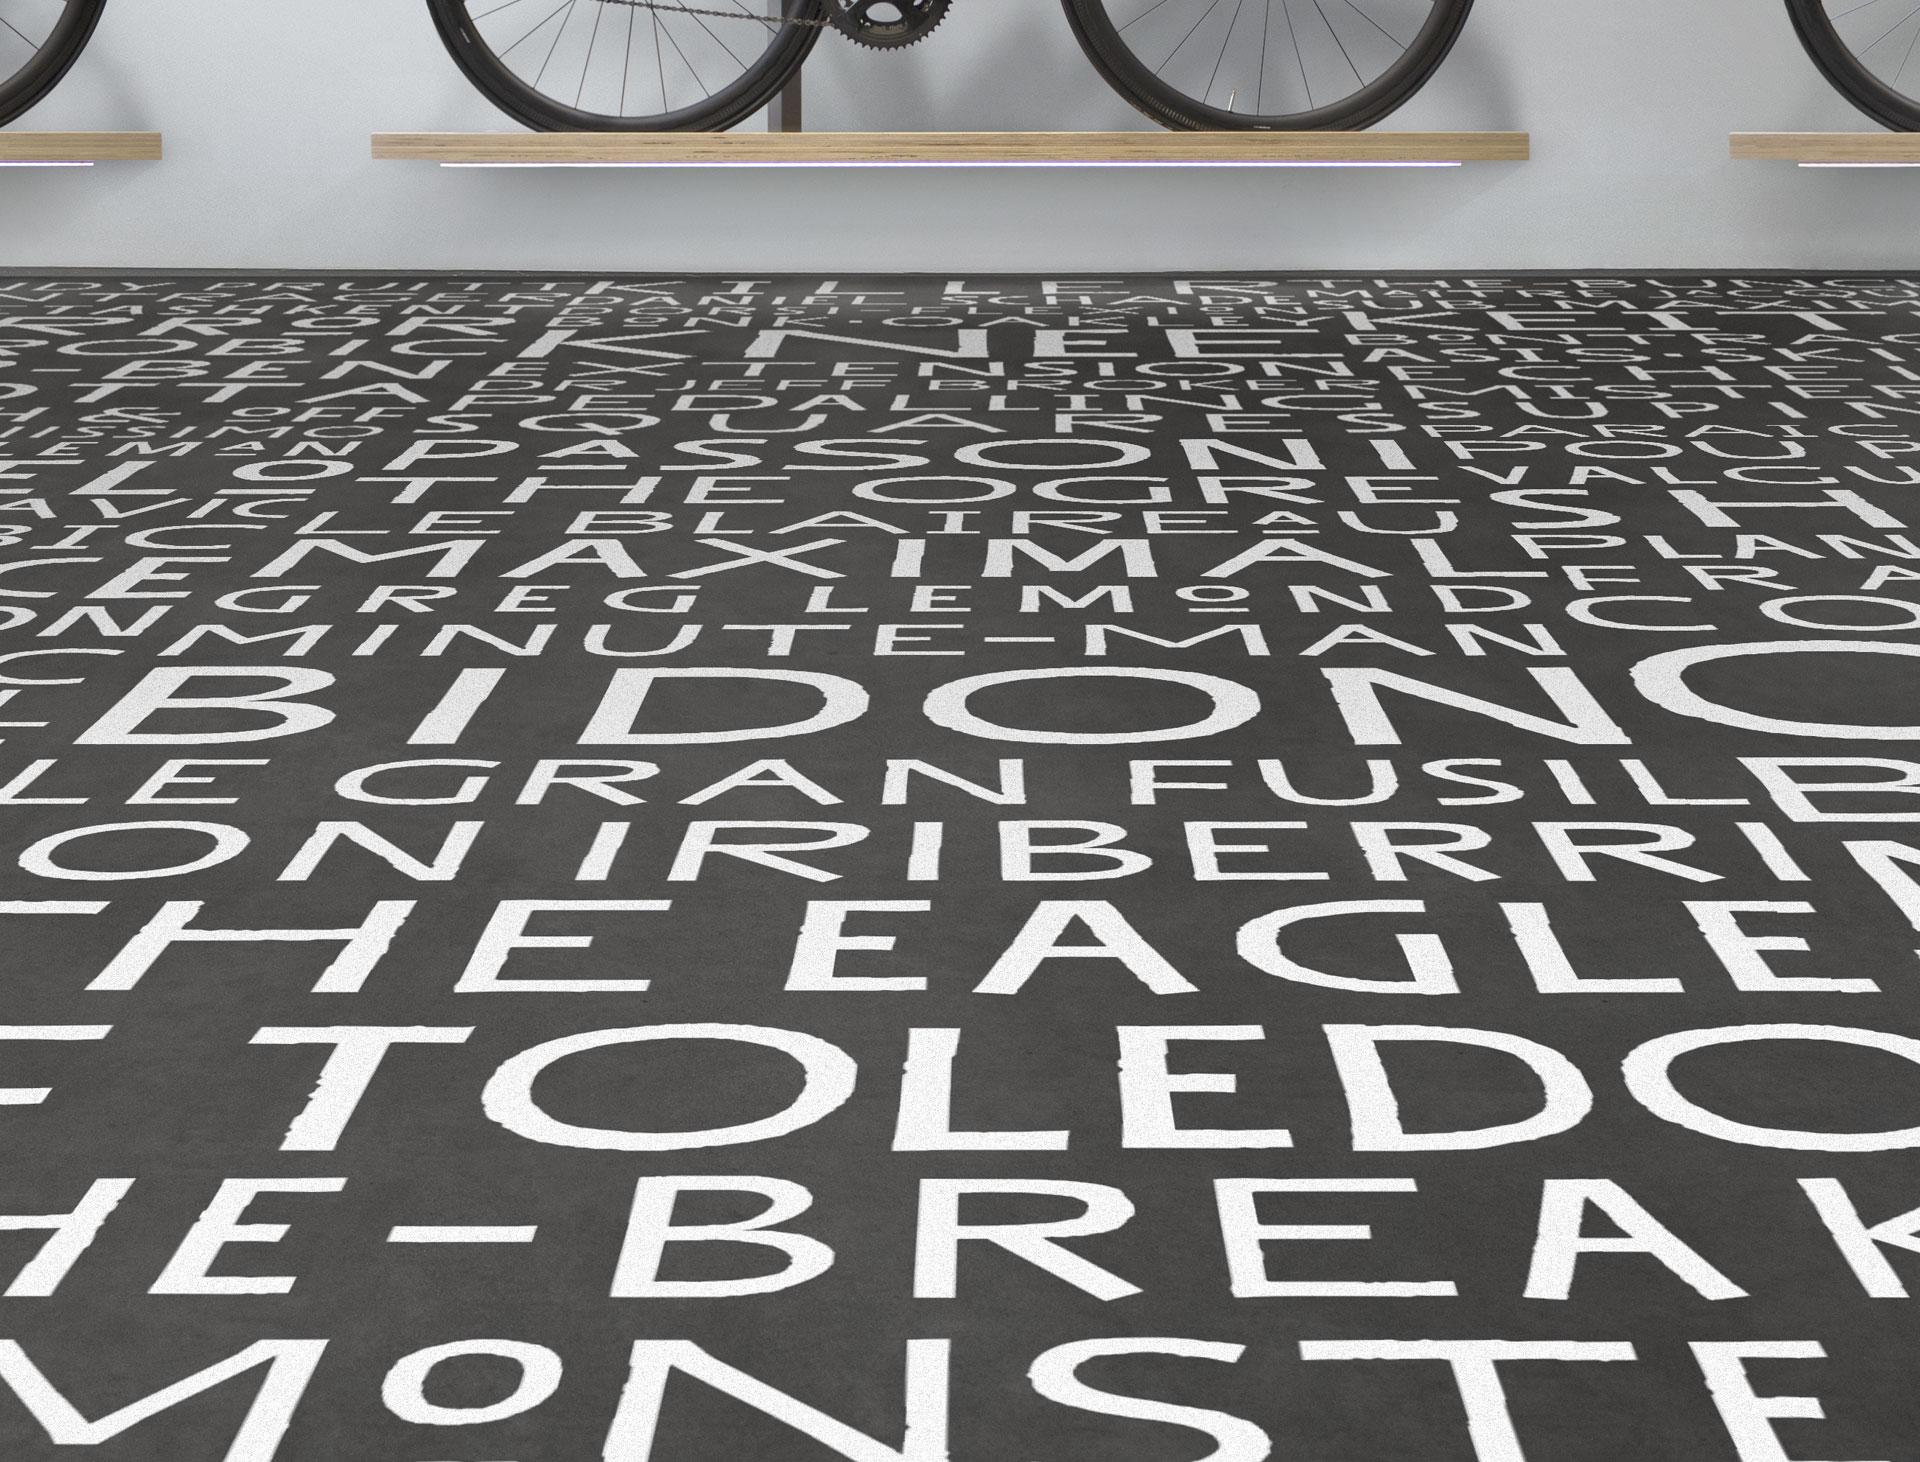 Cyclefit: brand identity